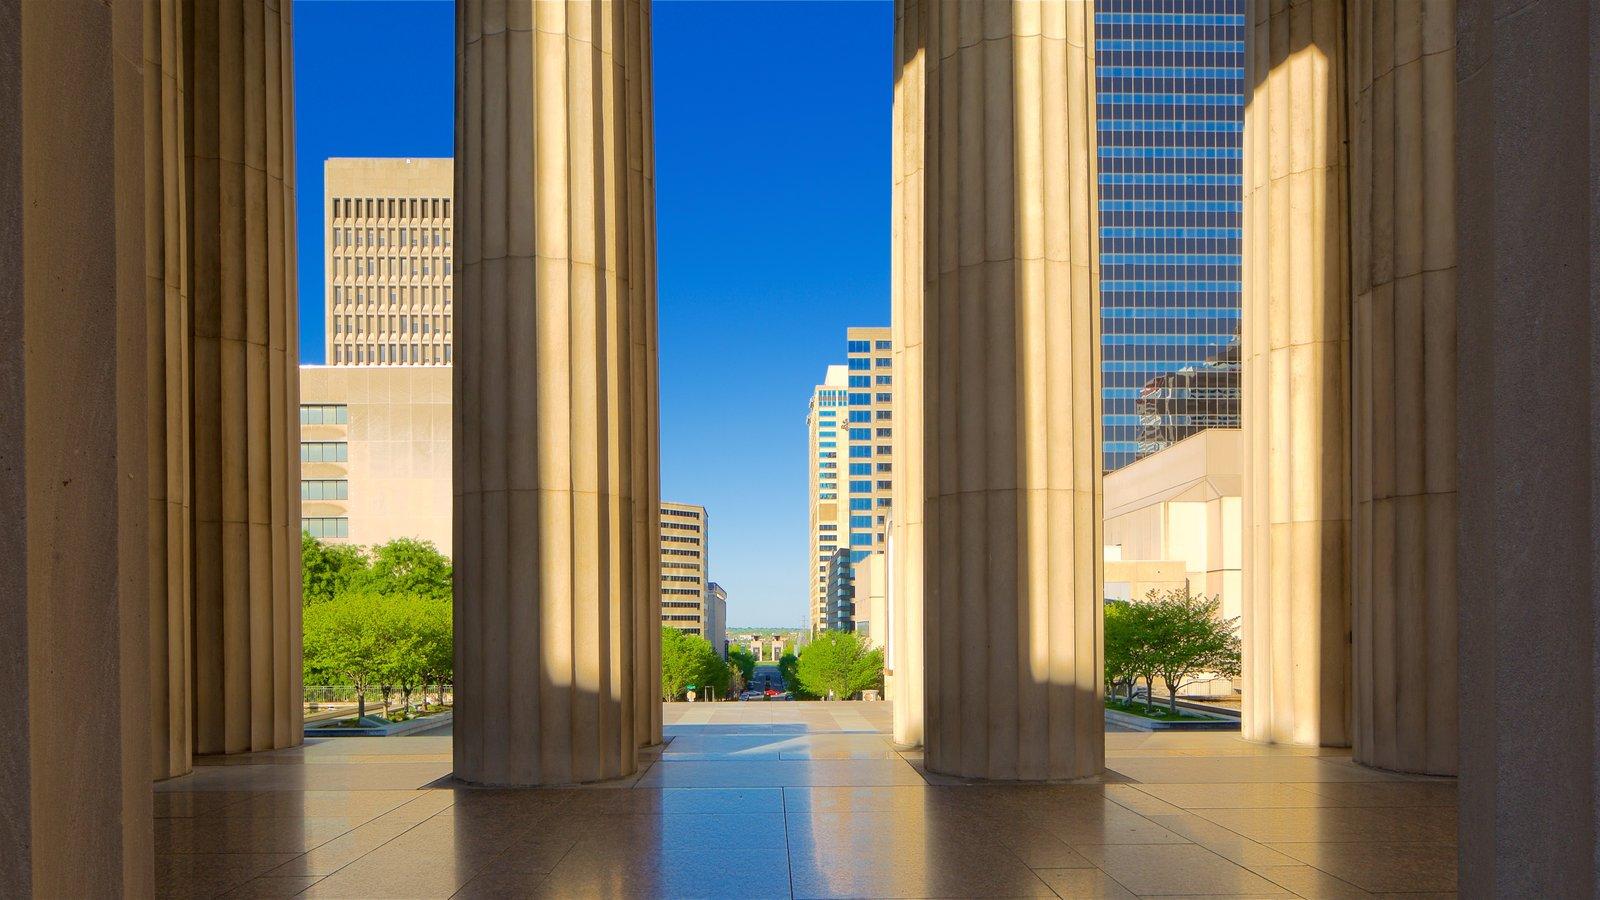 Nashville que incluye elementos del patrimonio